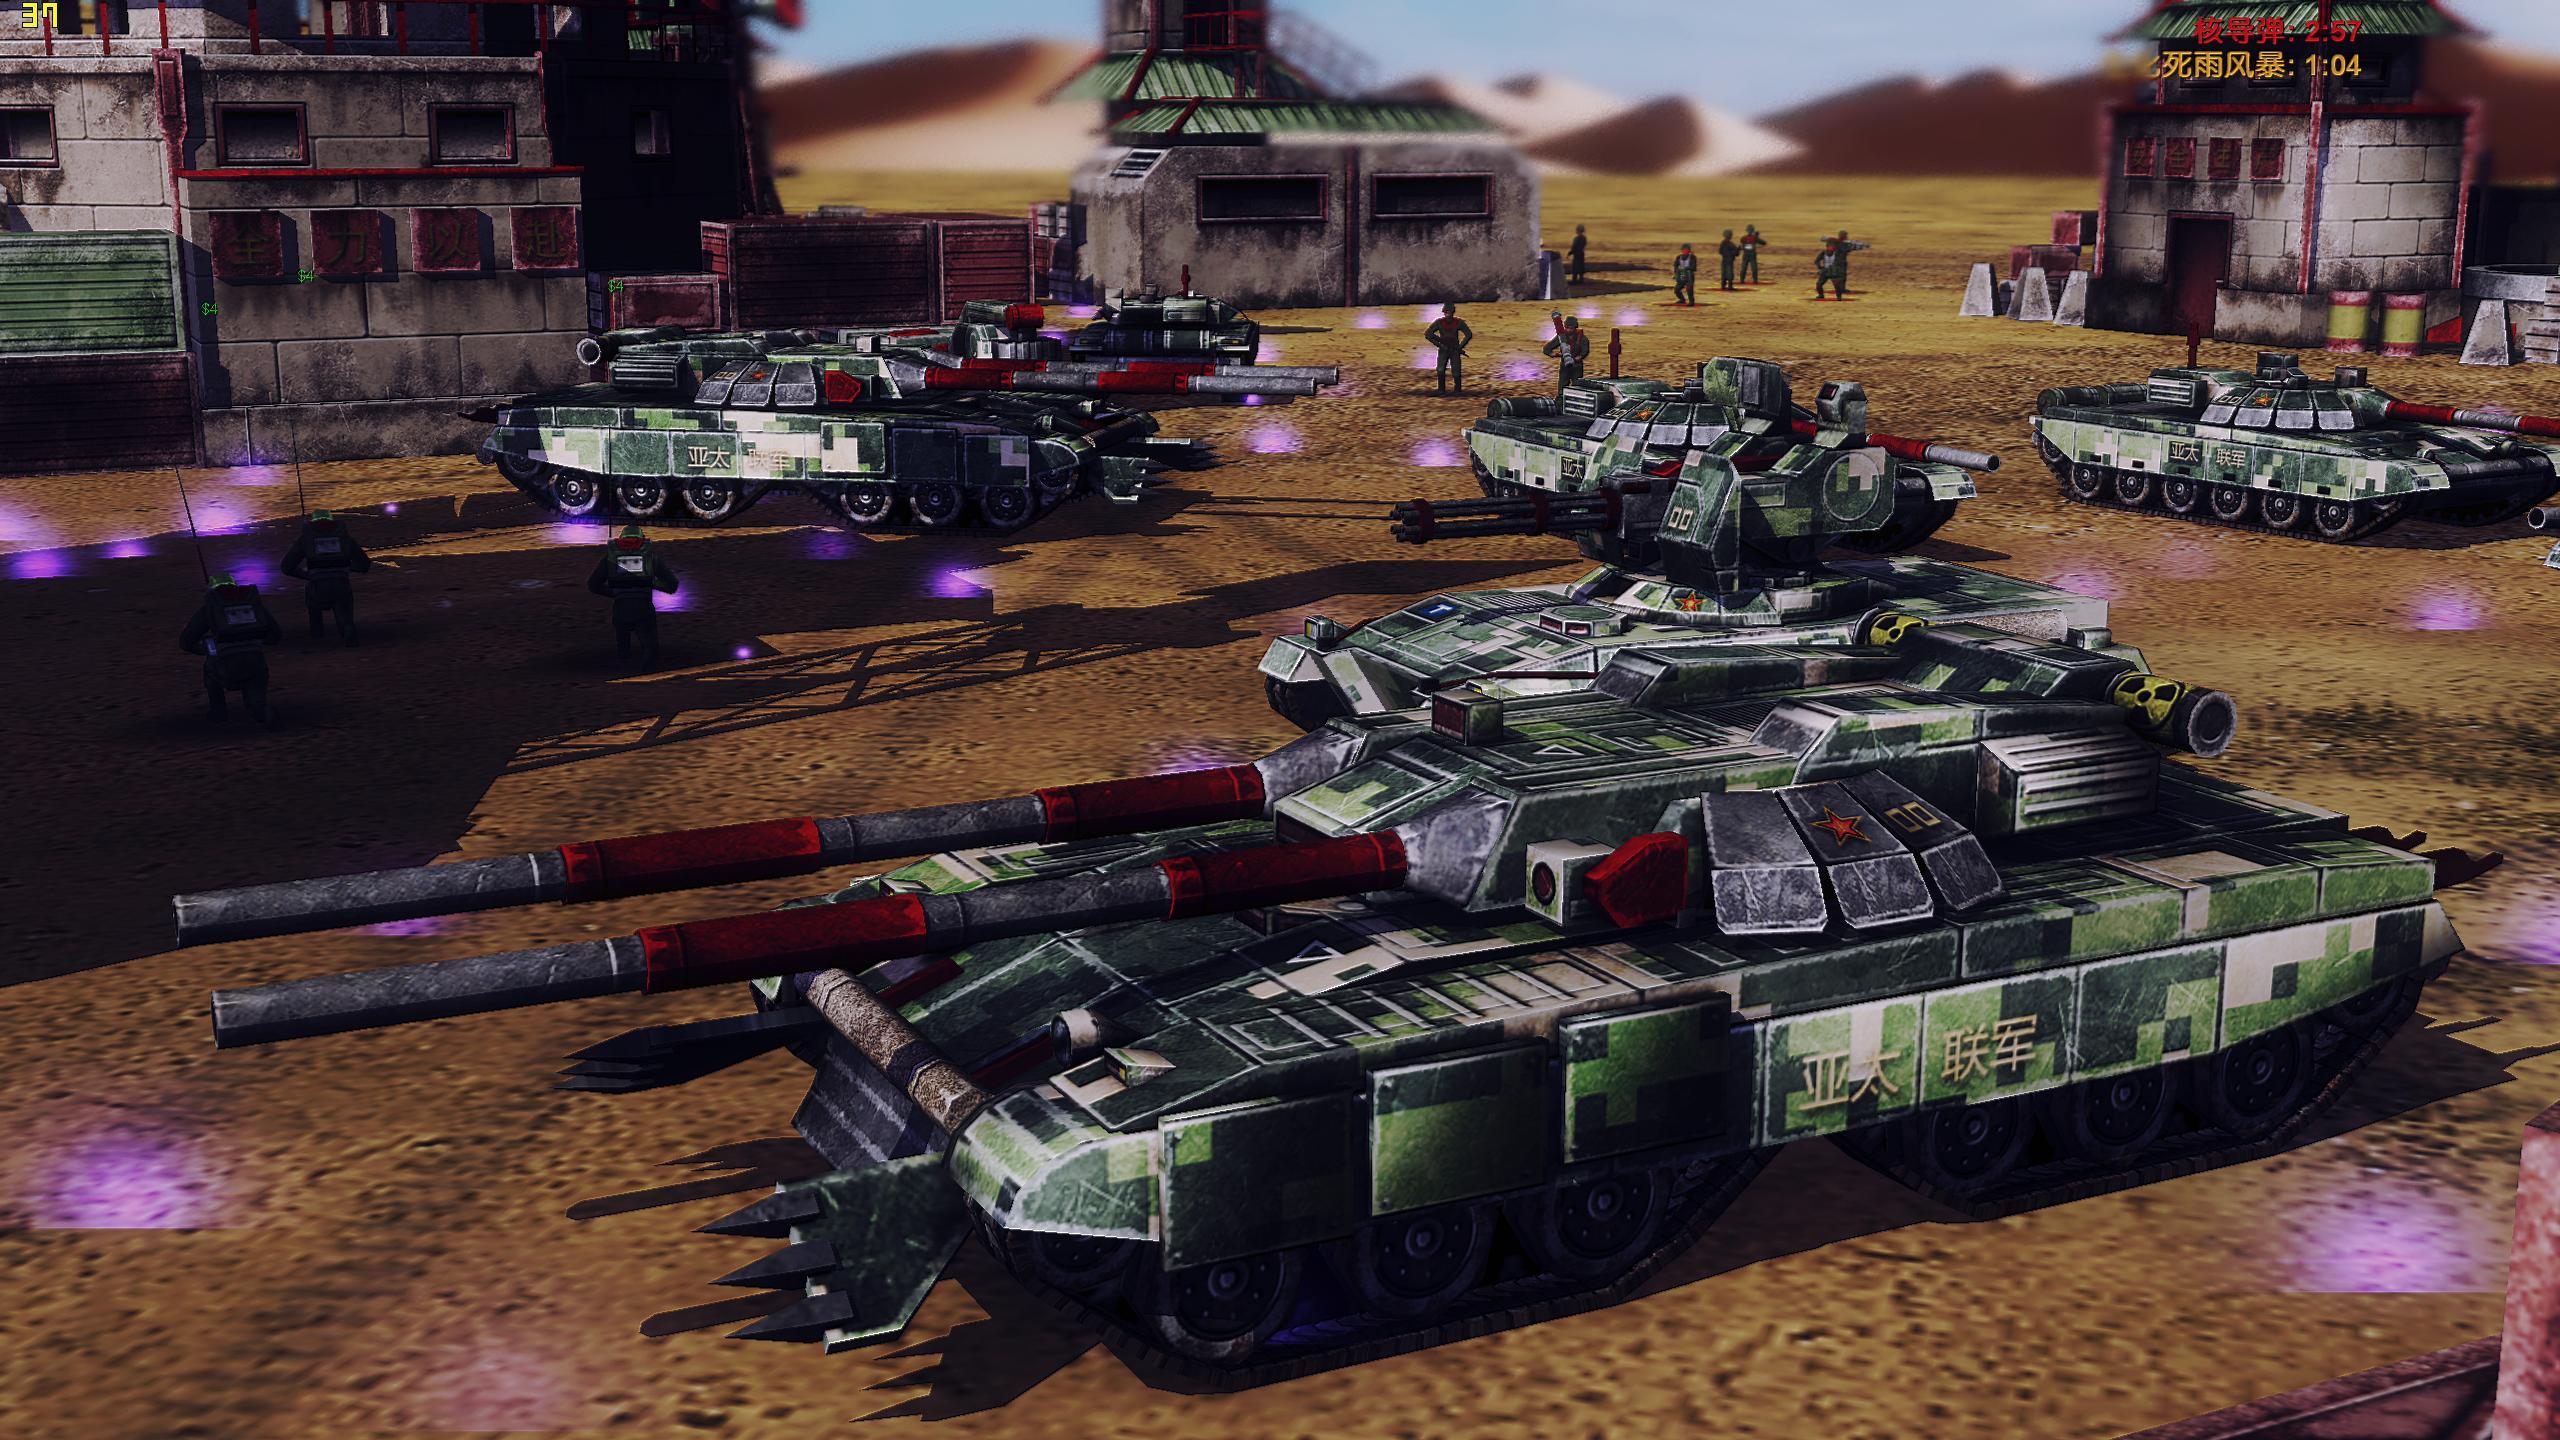 Command & Conquer: Generals 2 image - Mod DB